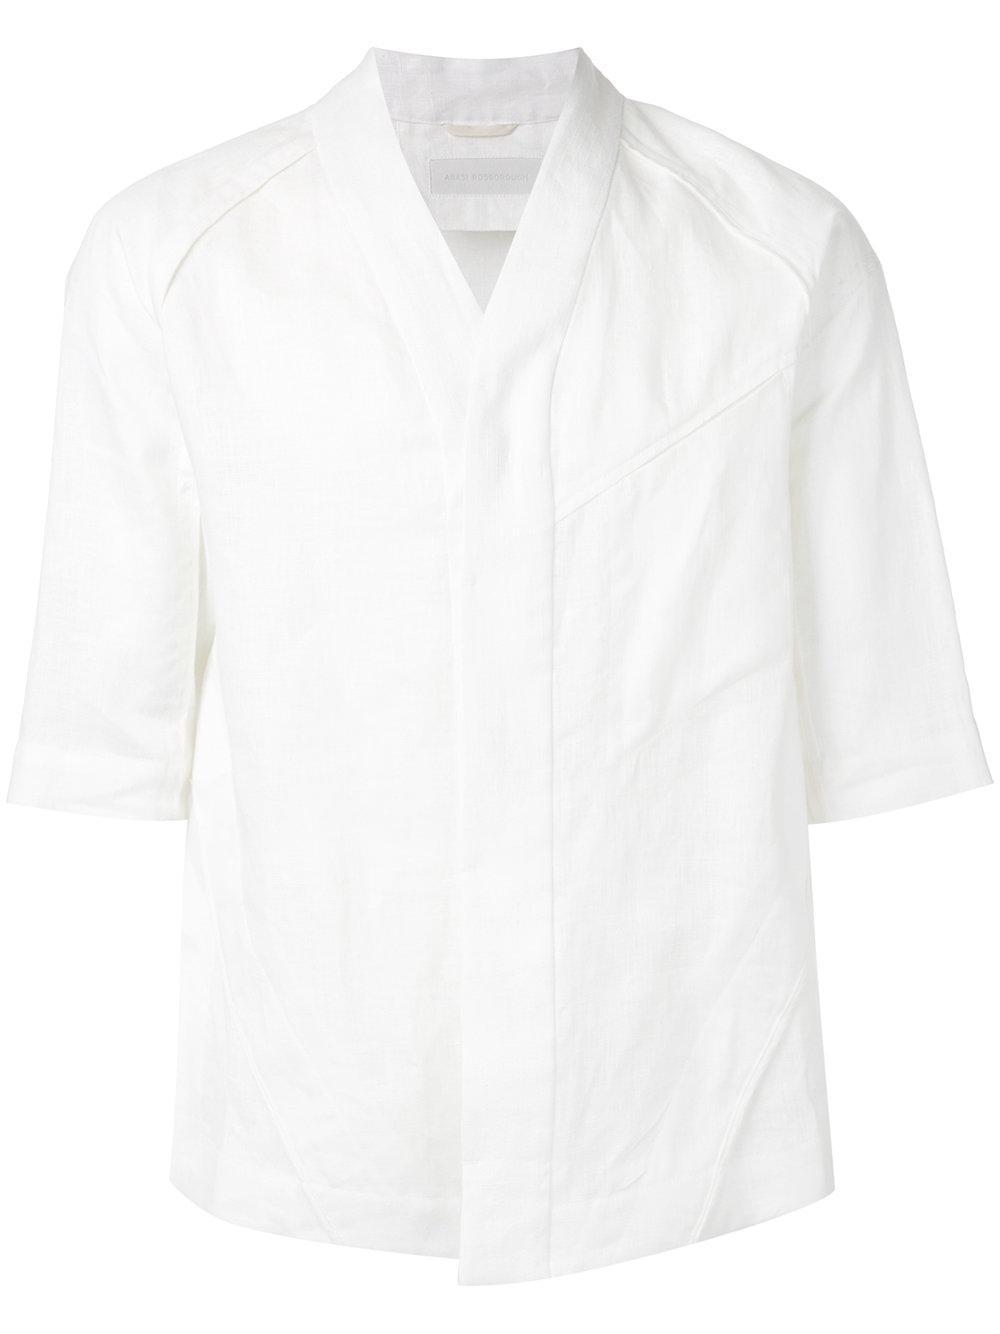 Abasi rosborough collarless shirt in white for men lyst for Collarless white shirt slim fit